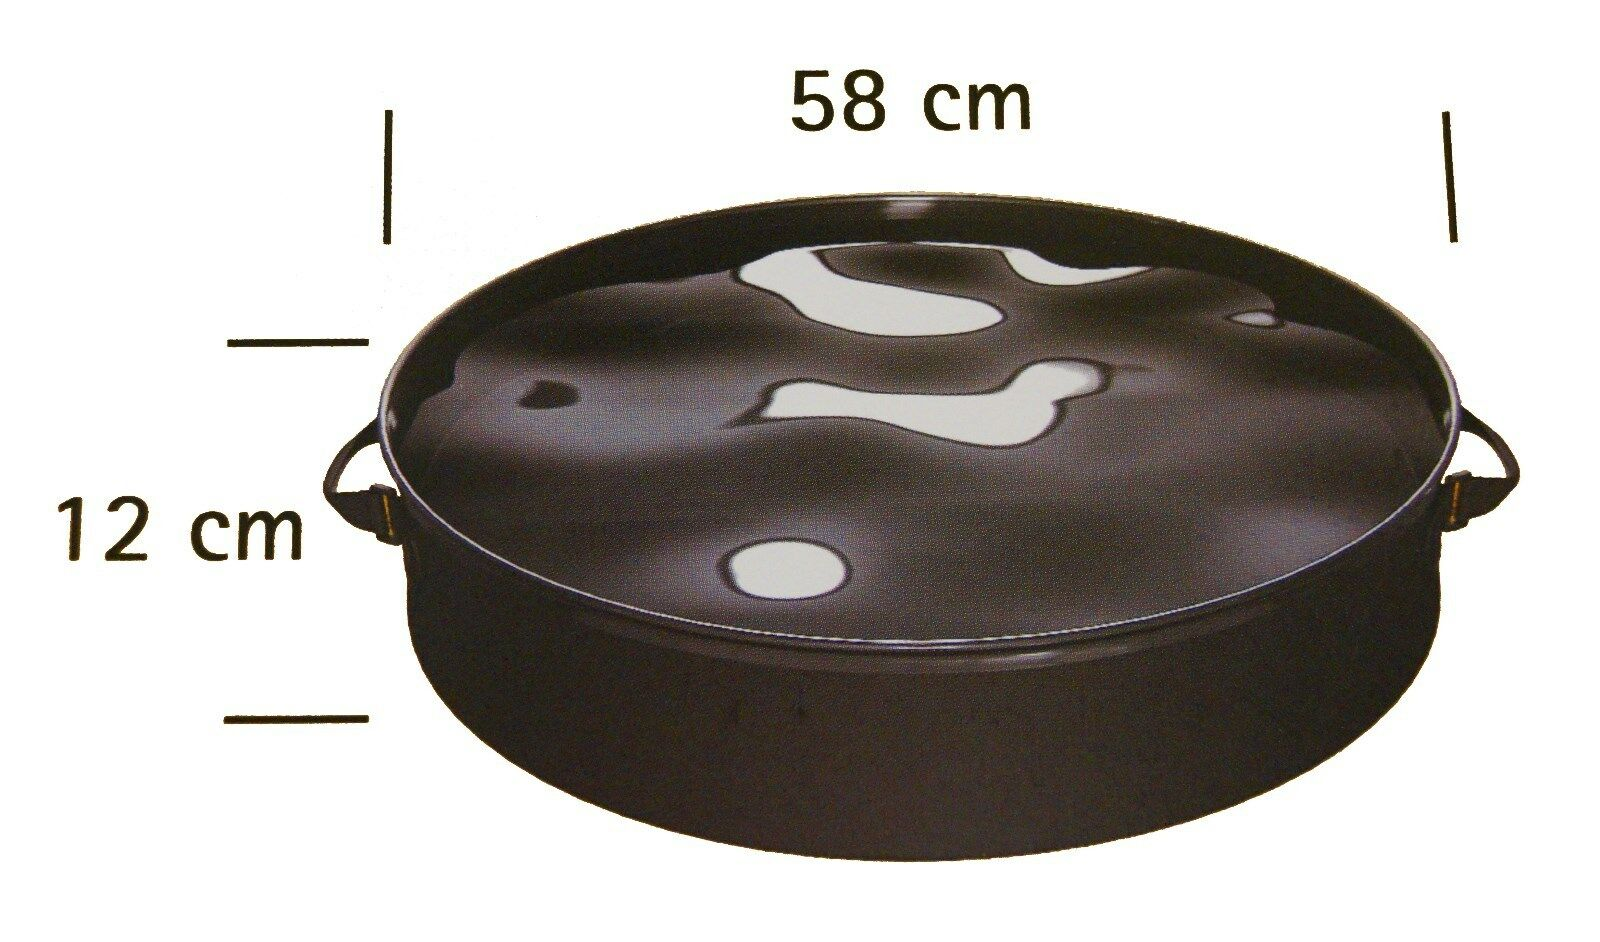 Reinigungswanne für Grillrost zur Reinigung Wanne Grillwanne Schale Weber Grill